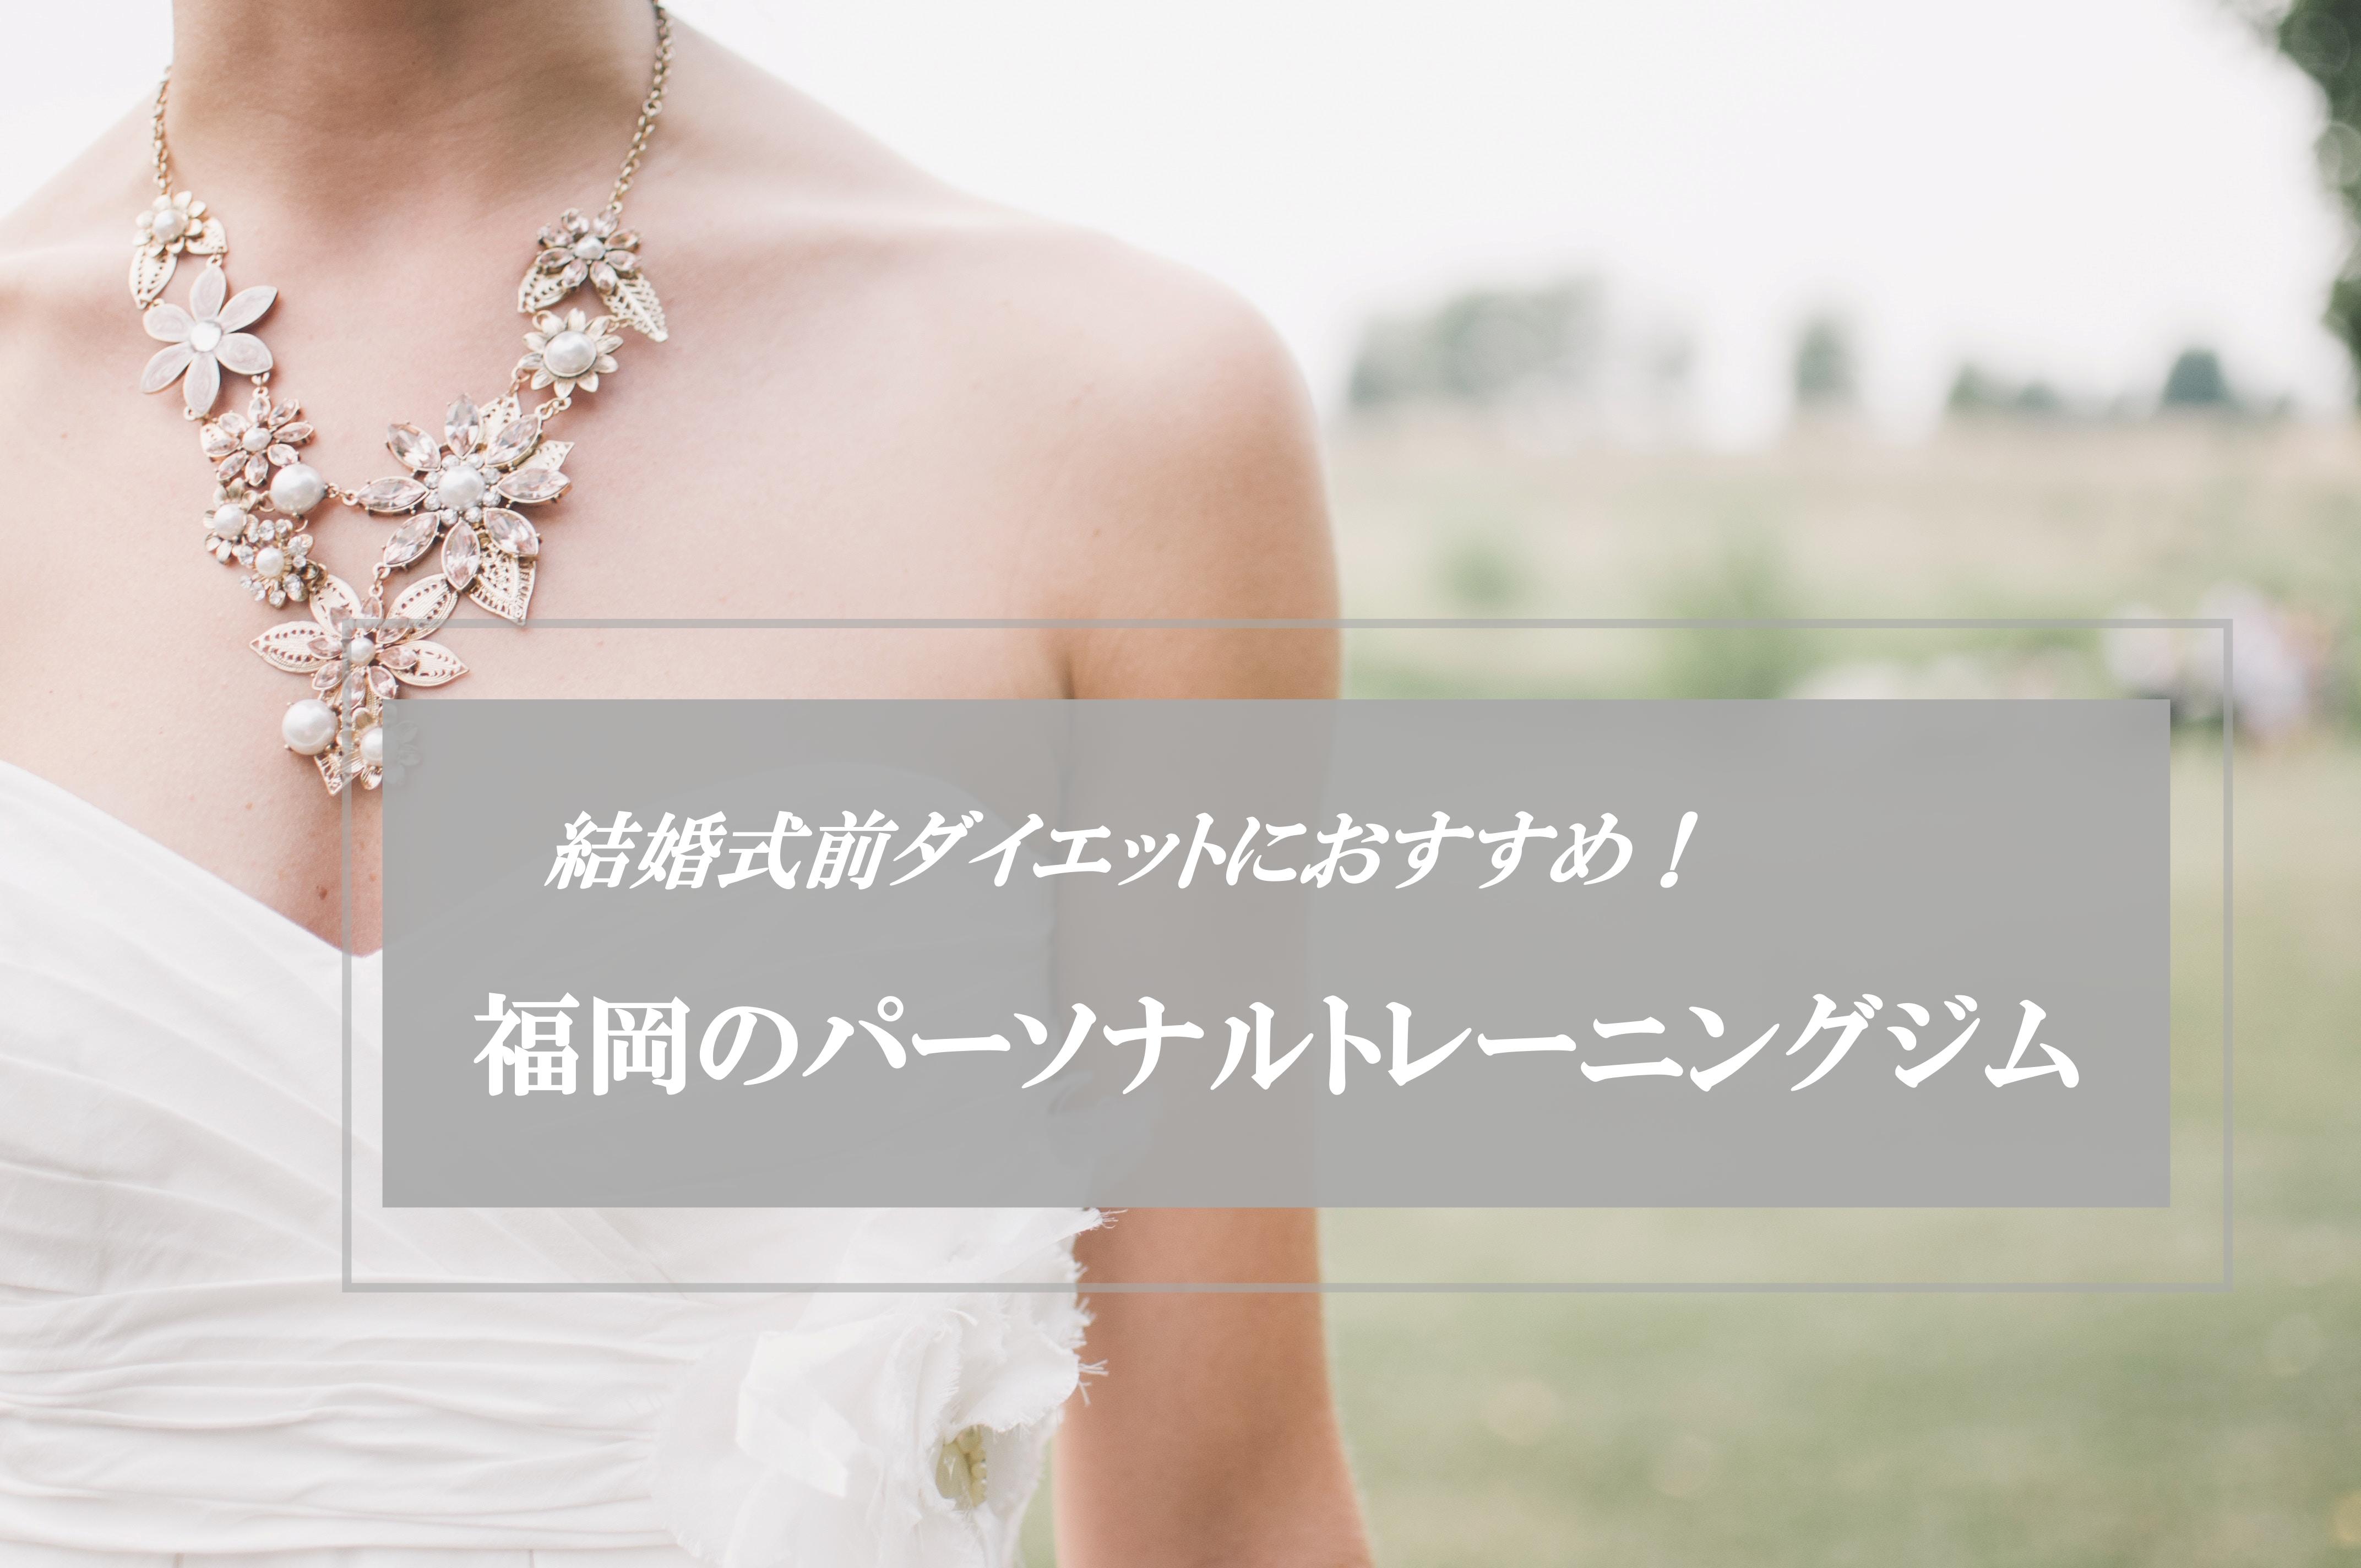 結婚式前ダイエットにおすすめ福岡のパーソナルトレーニングジム